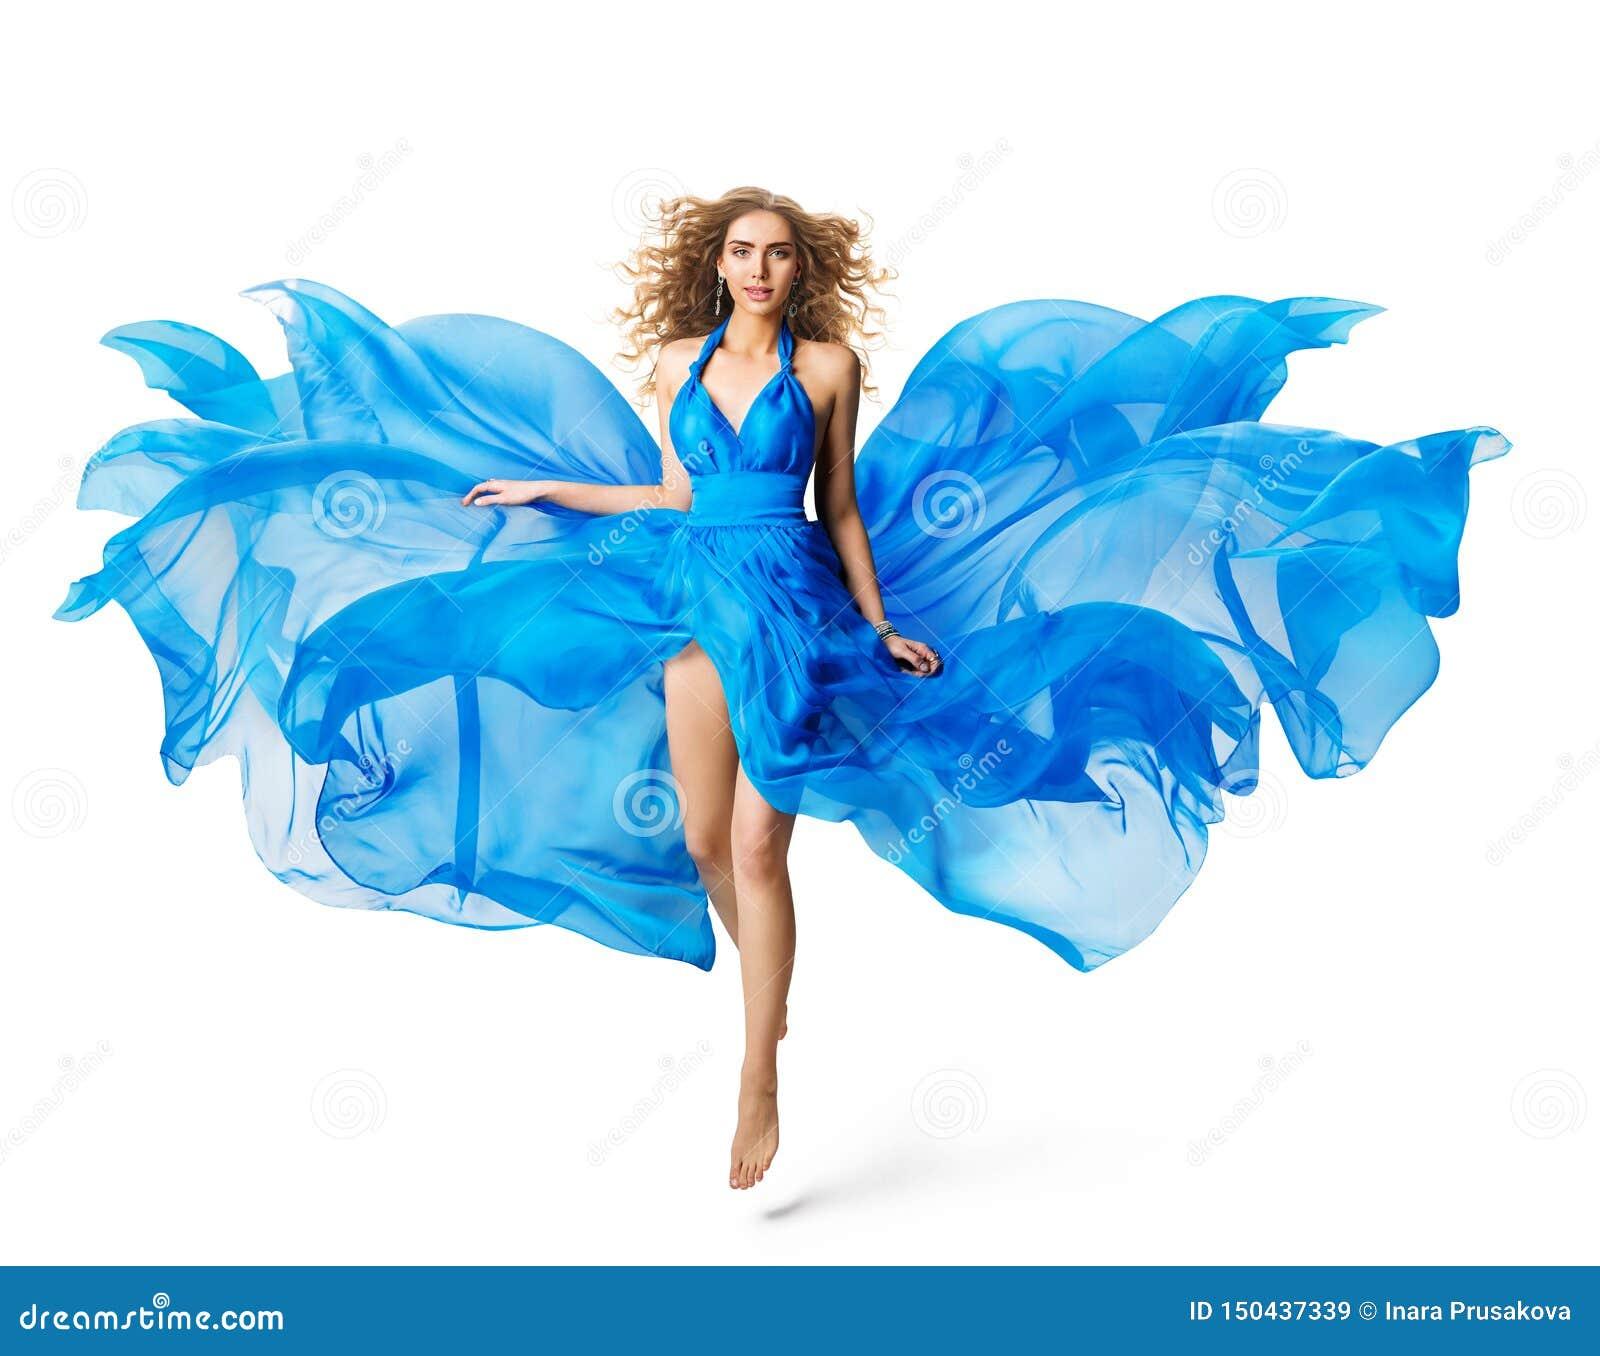 妇女飞行蓝色礼服,浮动在丝绸在白色的褂子挥动的布料的时装模特儿